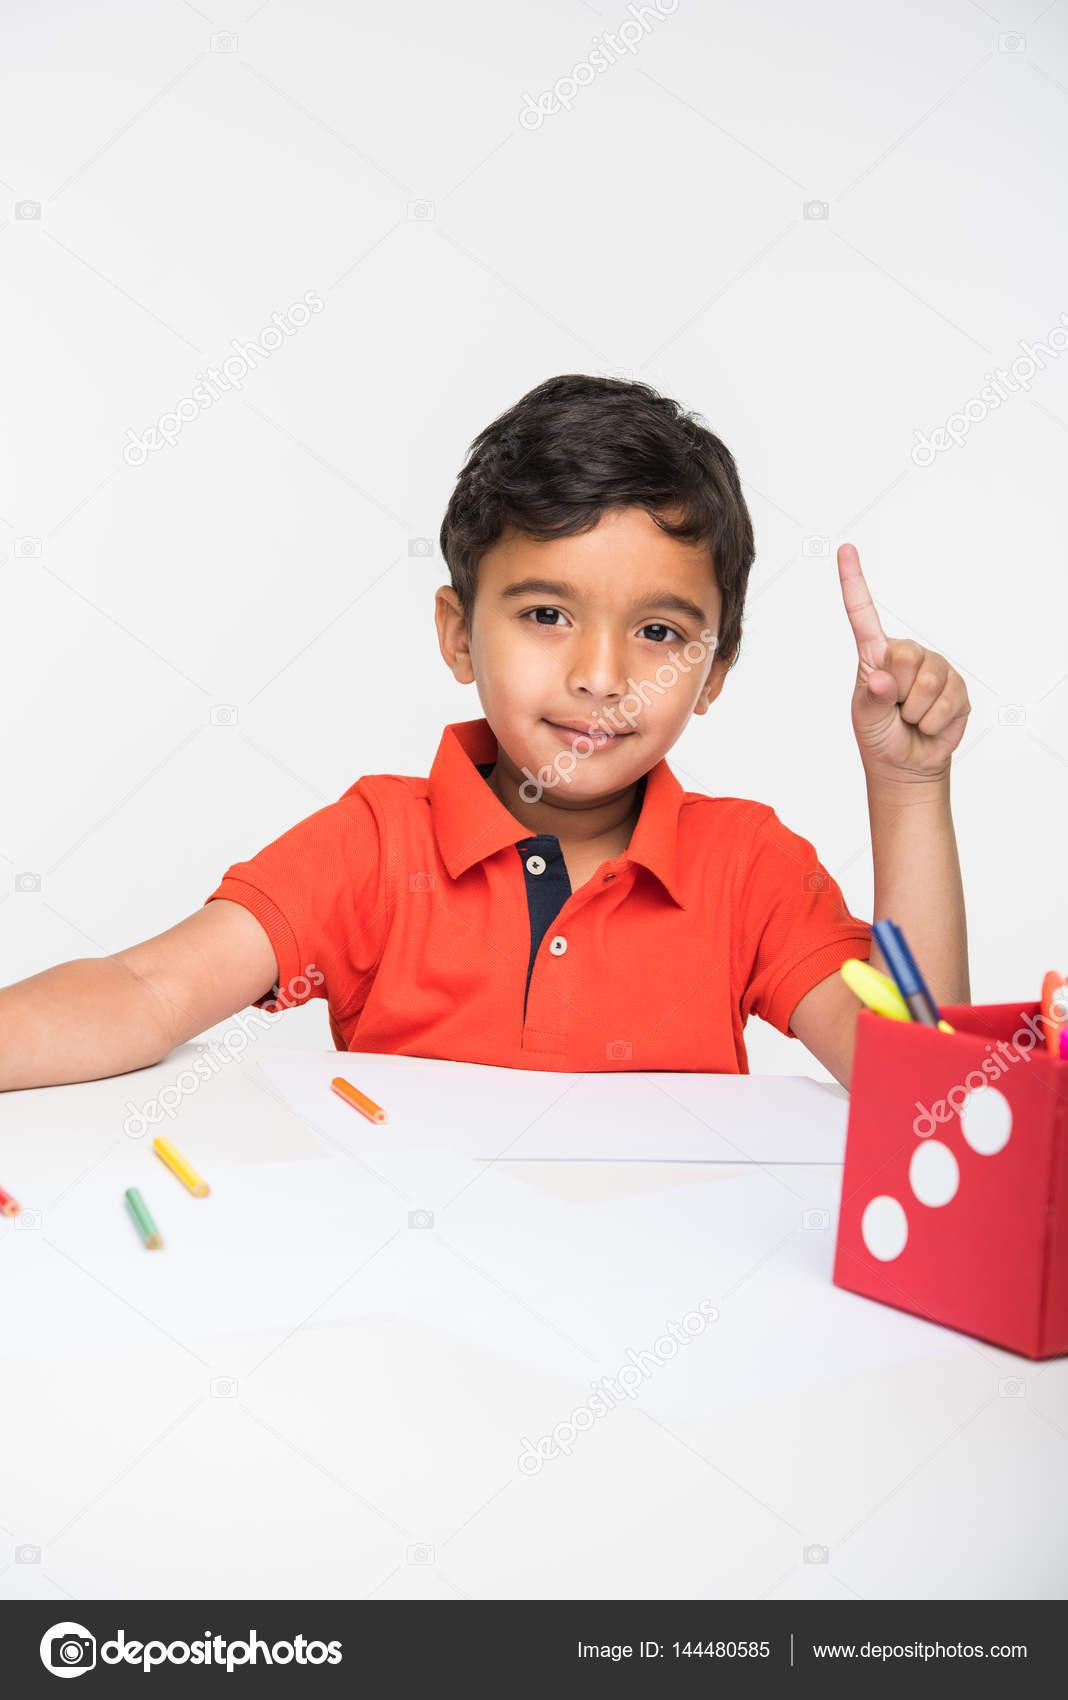 enfant gar on indien l aide de crayon de couleur pour le dessin assis table blanche. Black Bedroom Furniture Sets. Home Design Ideas